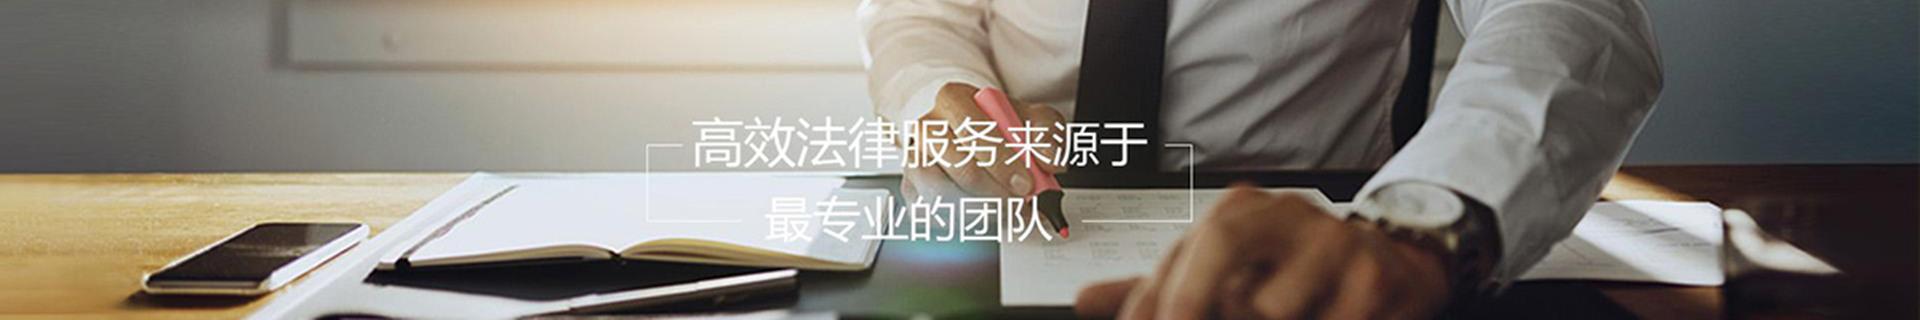 廊坊律师网6